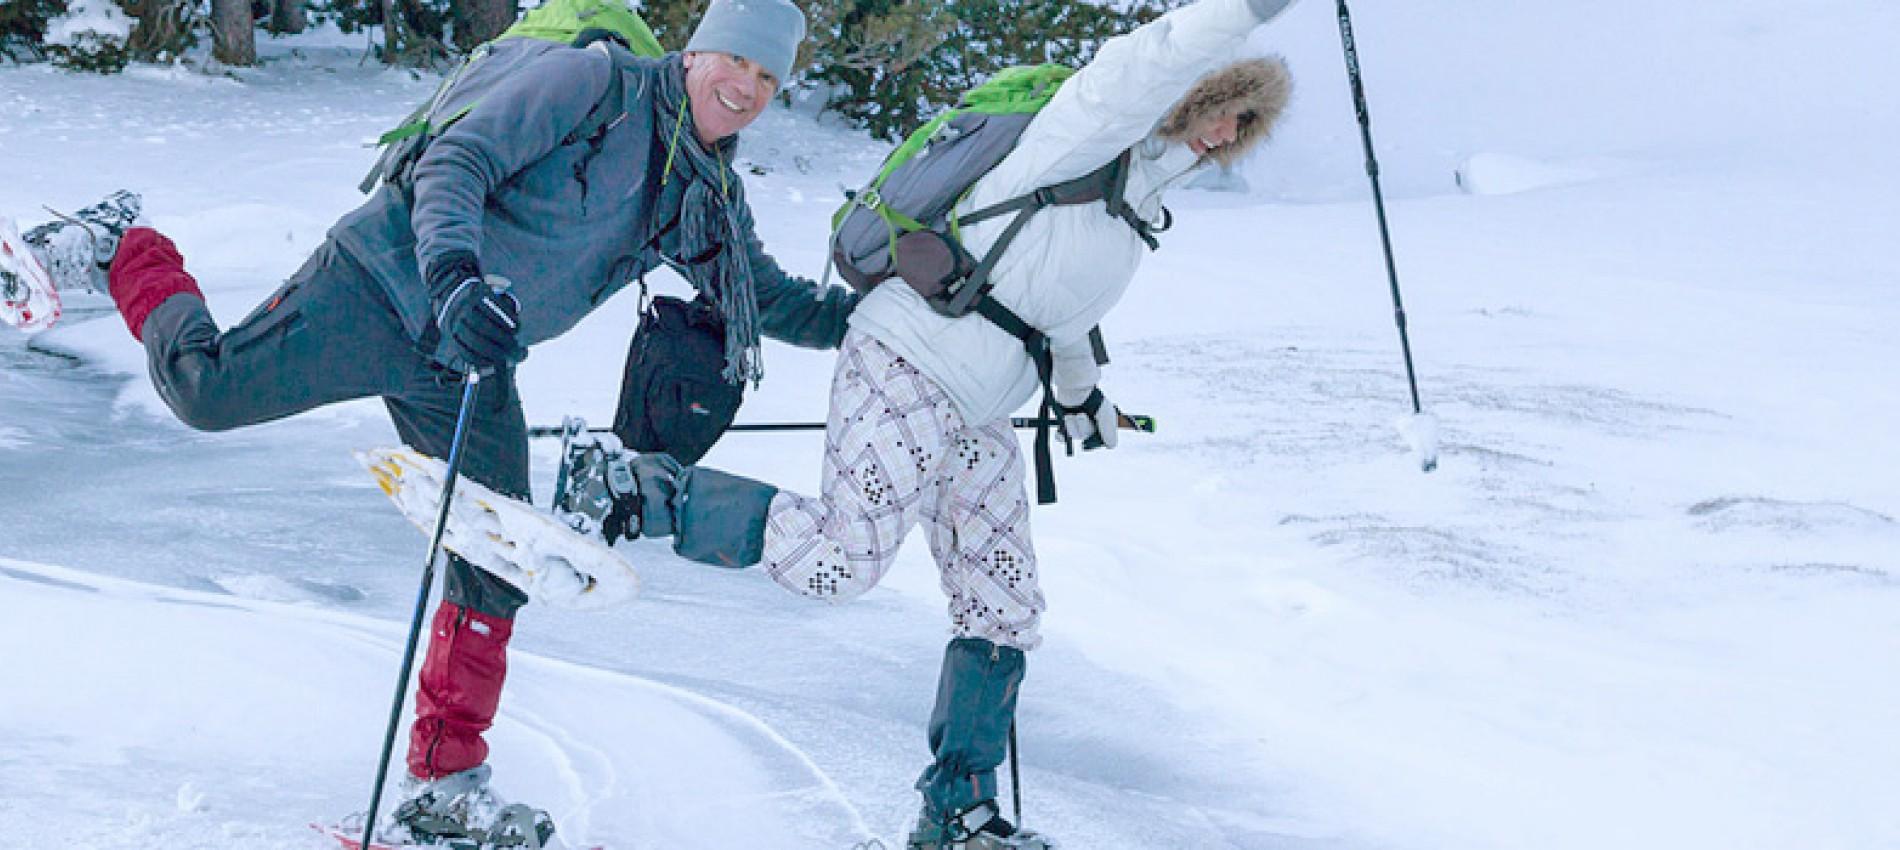 Nouvel an neige Cerdagne